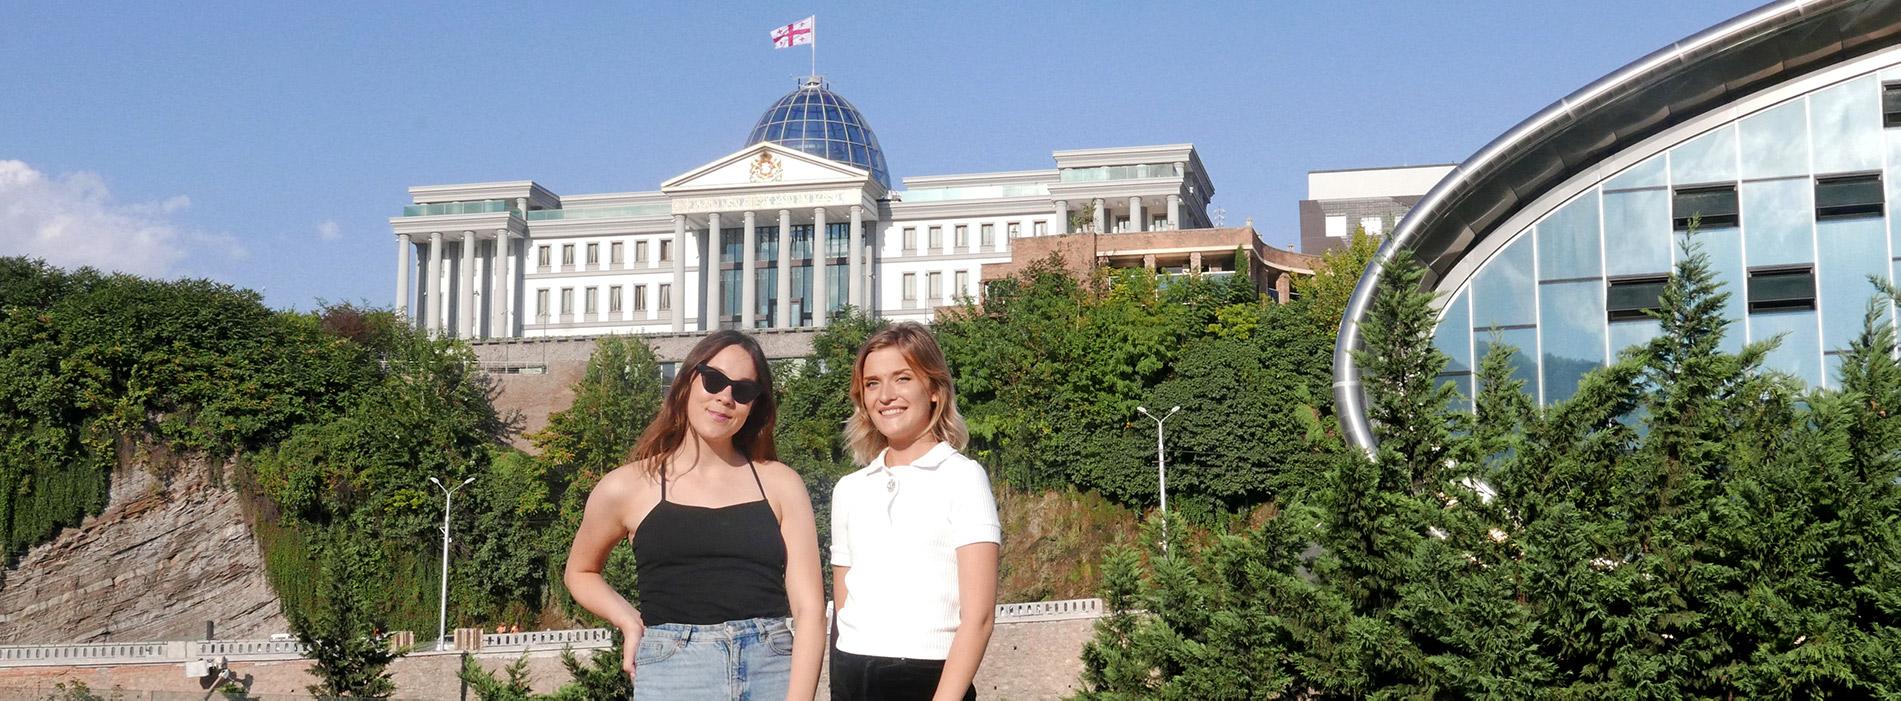 Anna och Emelie utanför presedentens hem i Tbilisi, Georgien